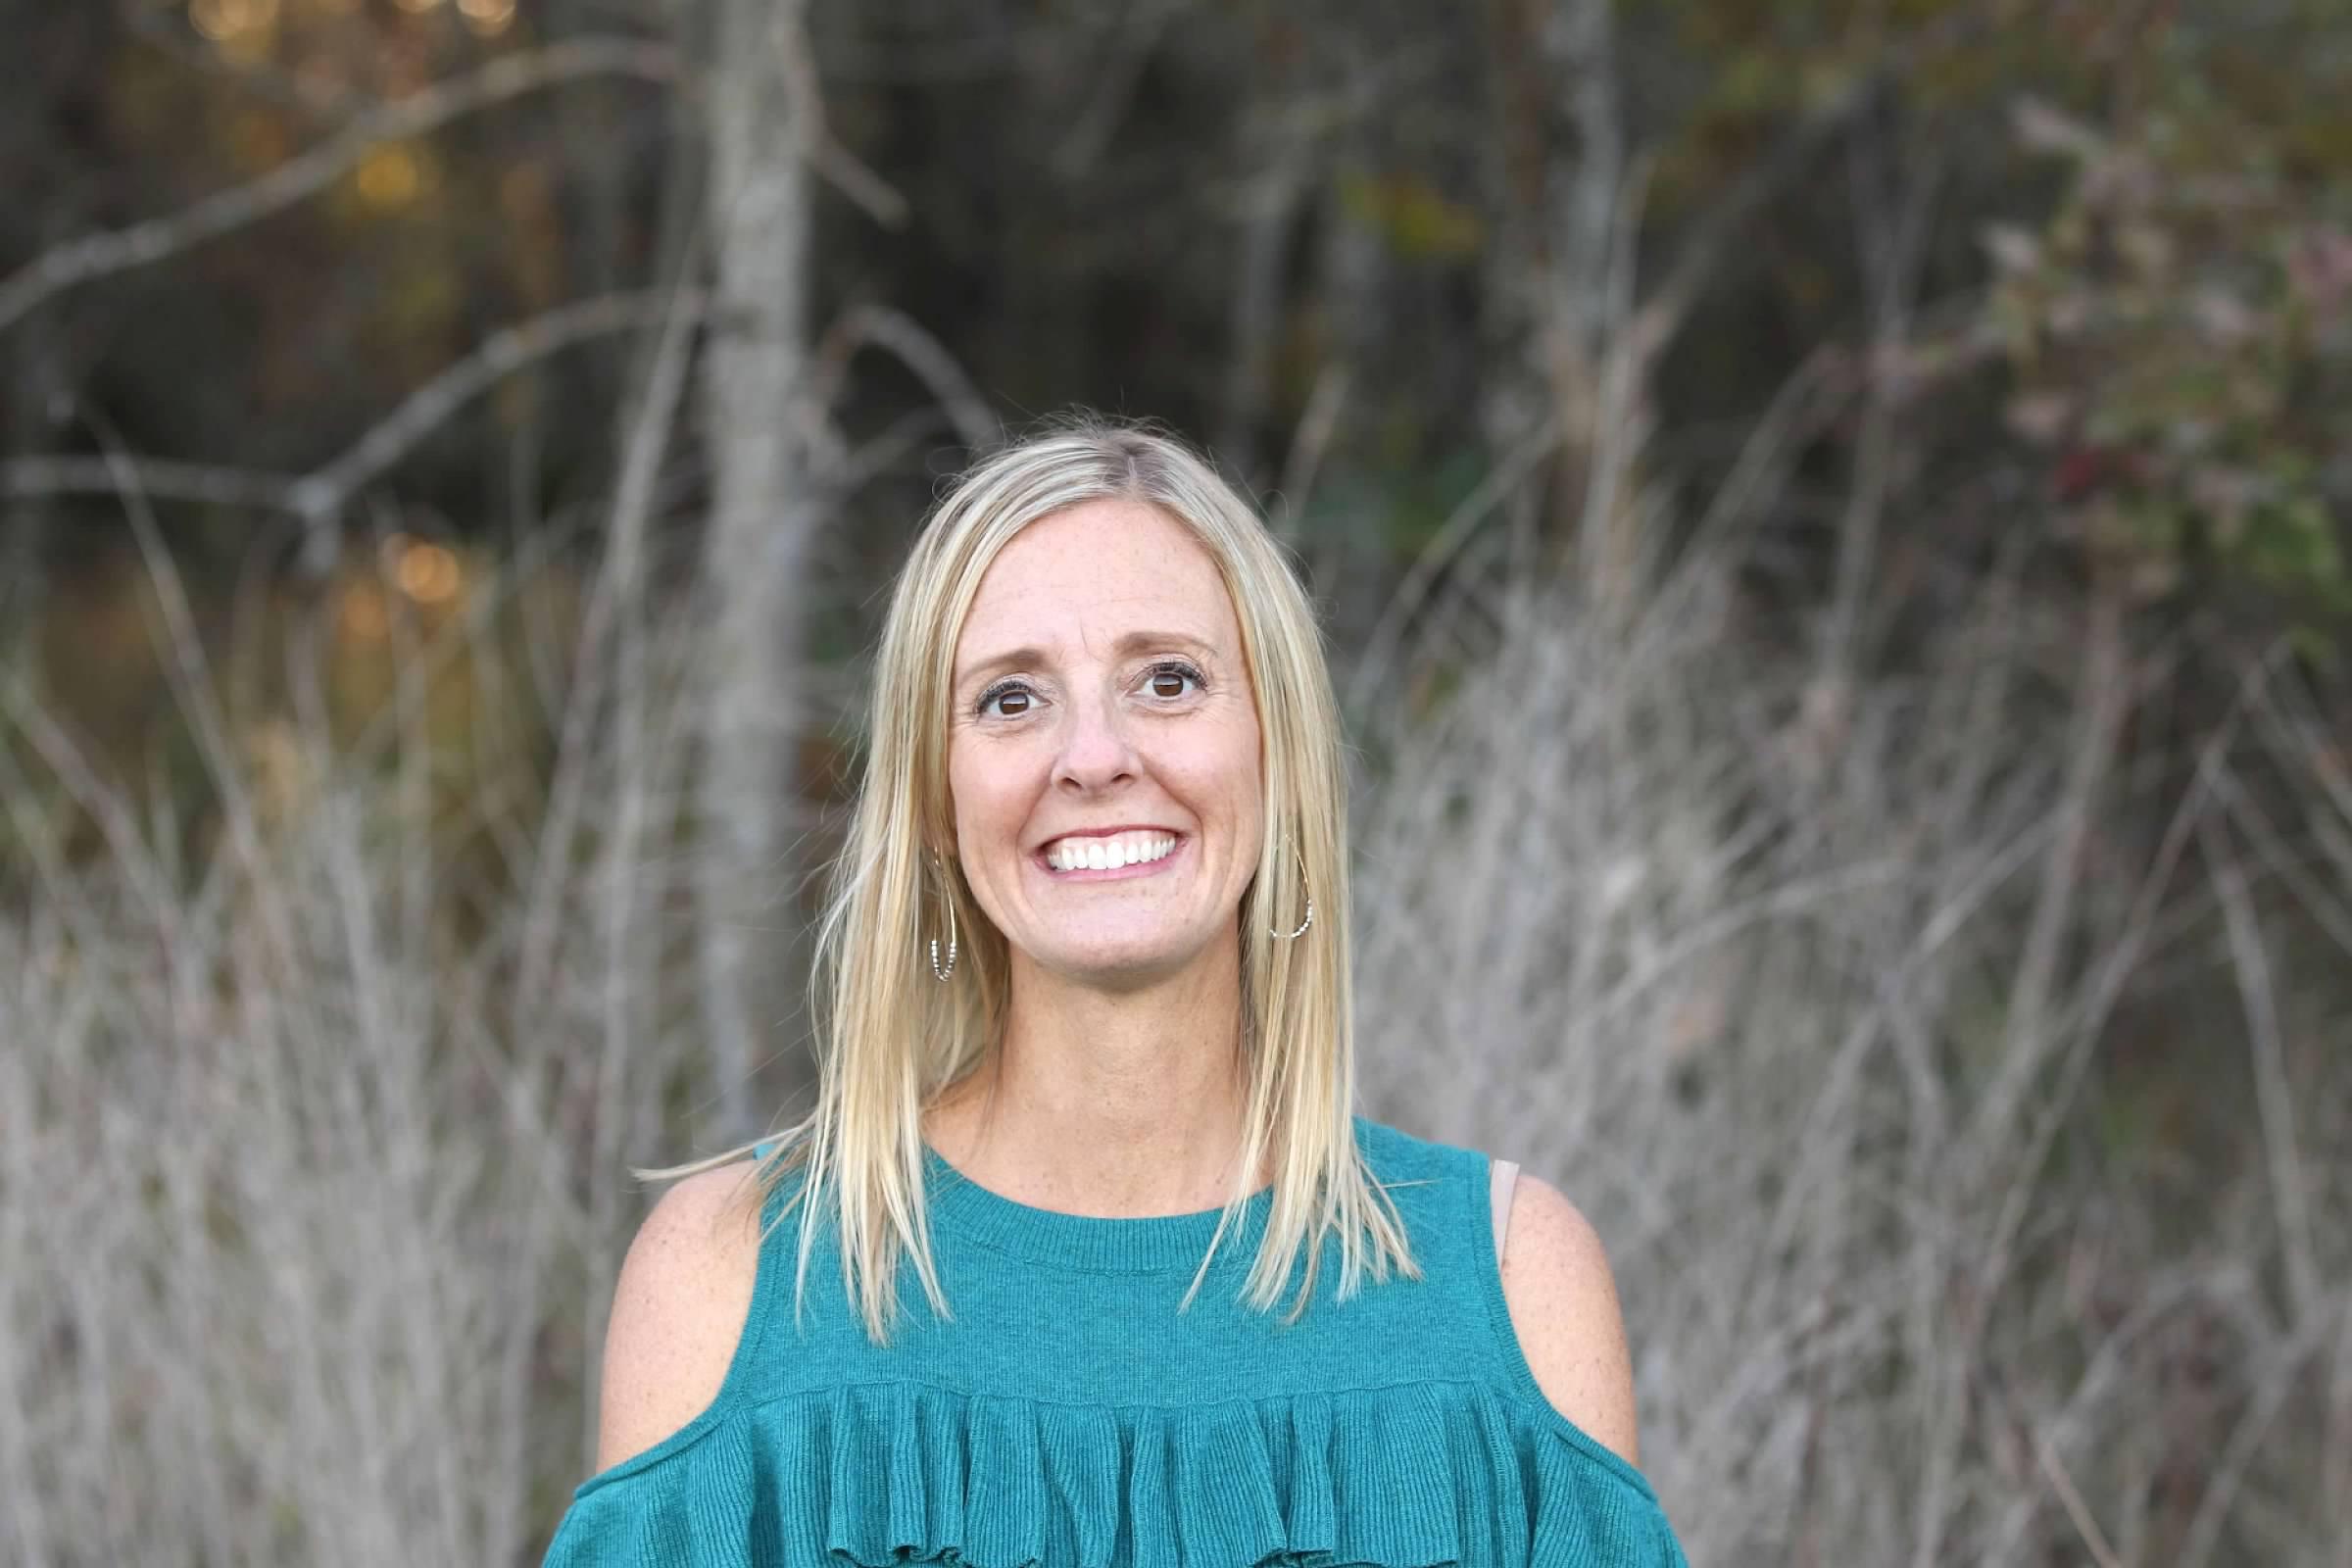 Katie Willis